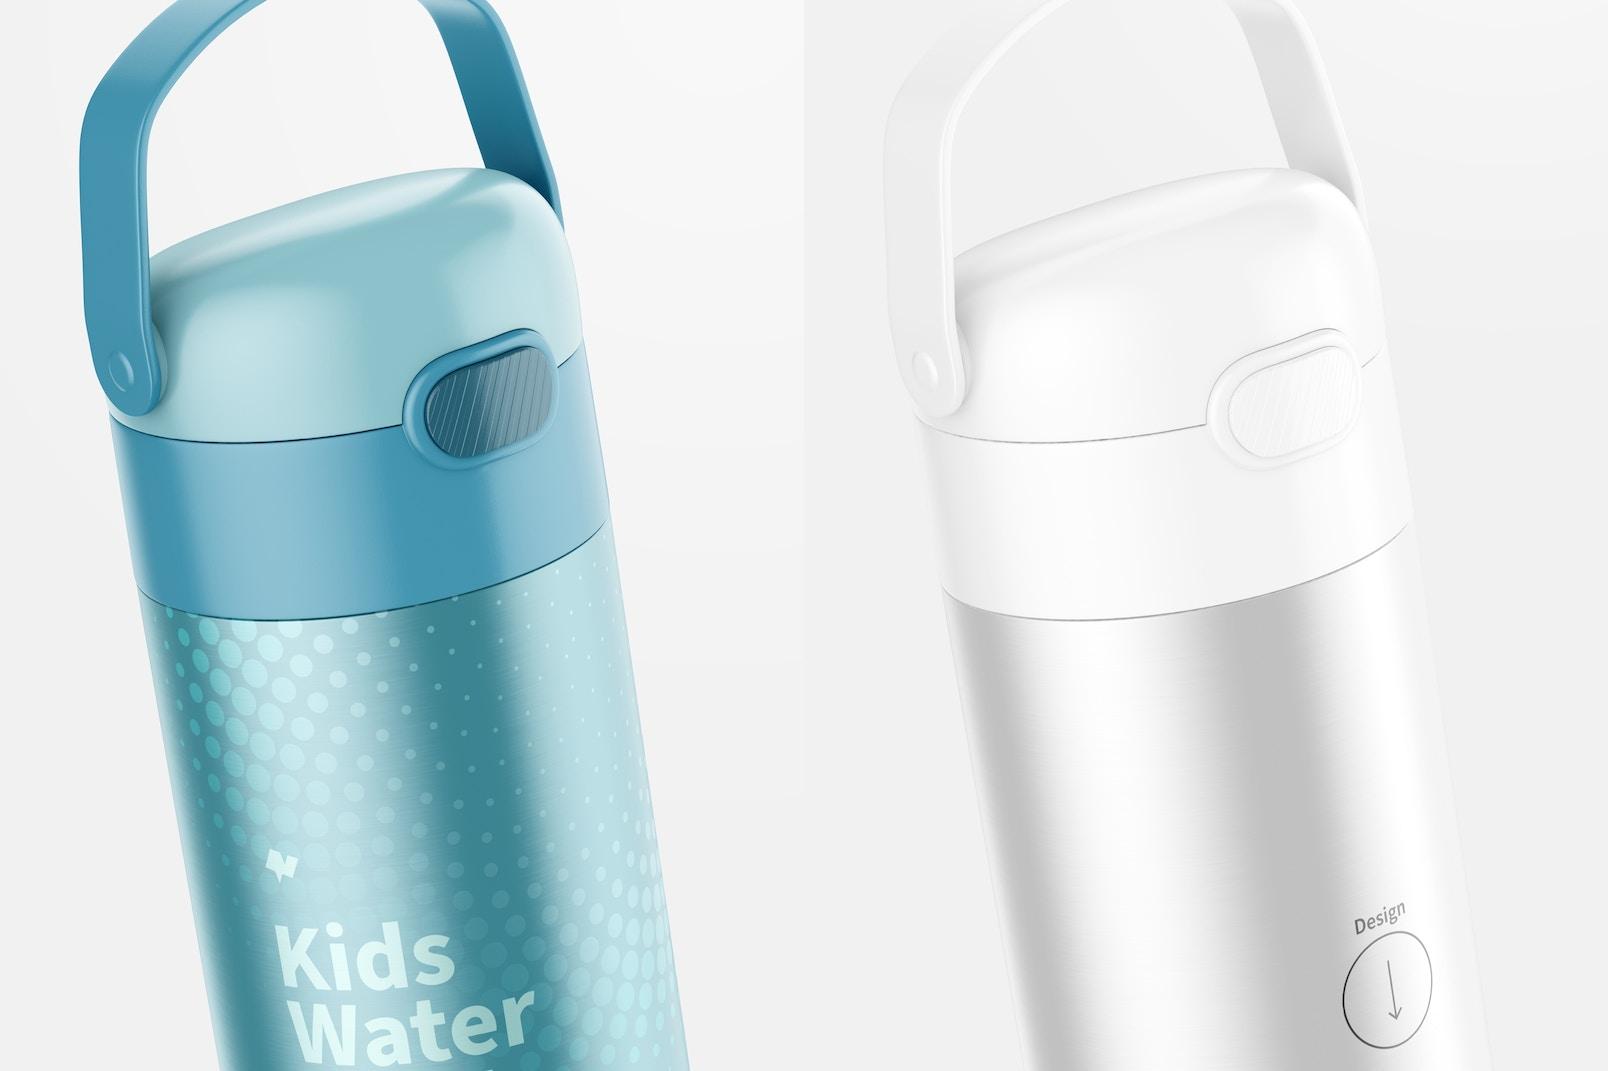 12 oz Kids Water Bottle Mockup, Close Up